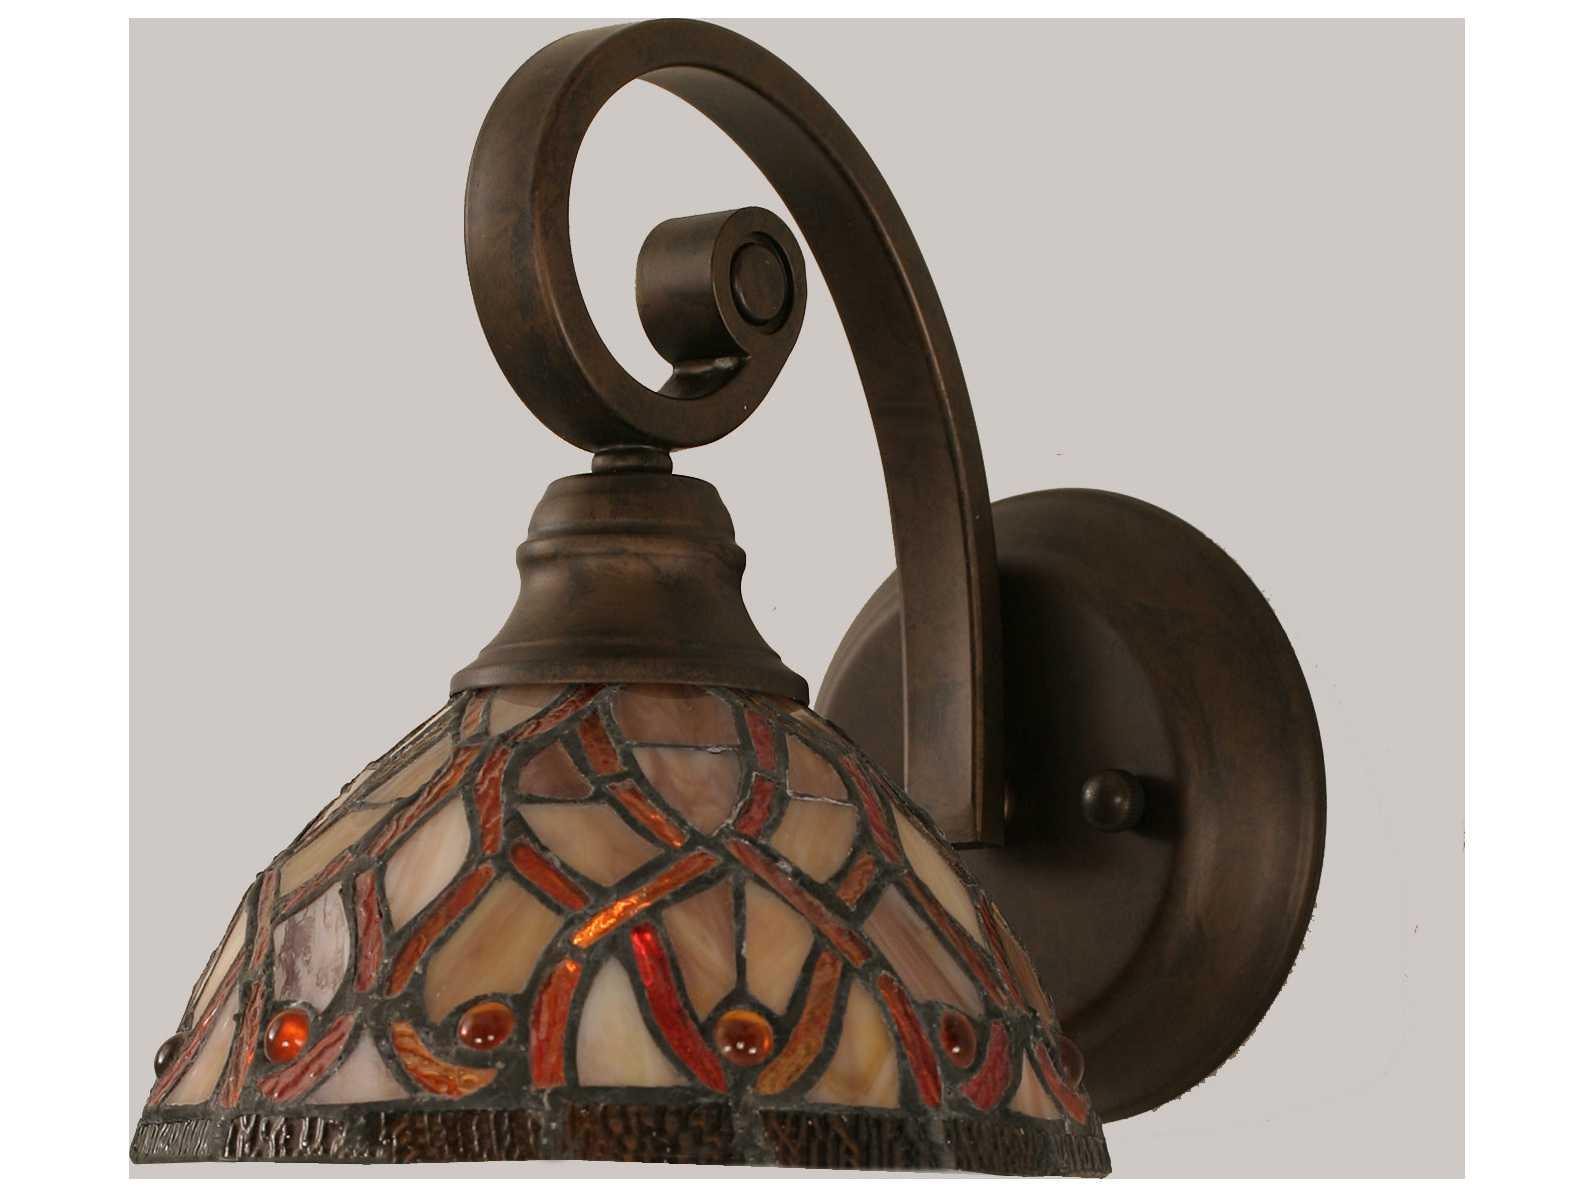 Small Tiffany Wall Lights : Toltec Lighting Curl Bronze & Persian Nites Mini Tiffany Glass Wall Sconce TOL151BRZ9915